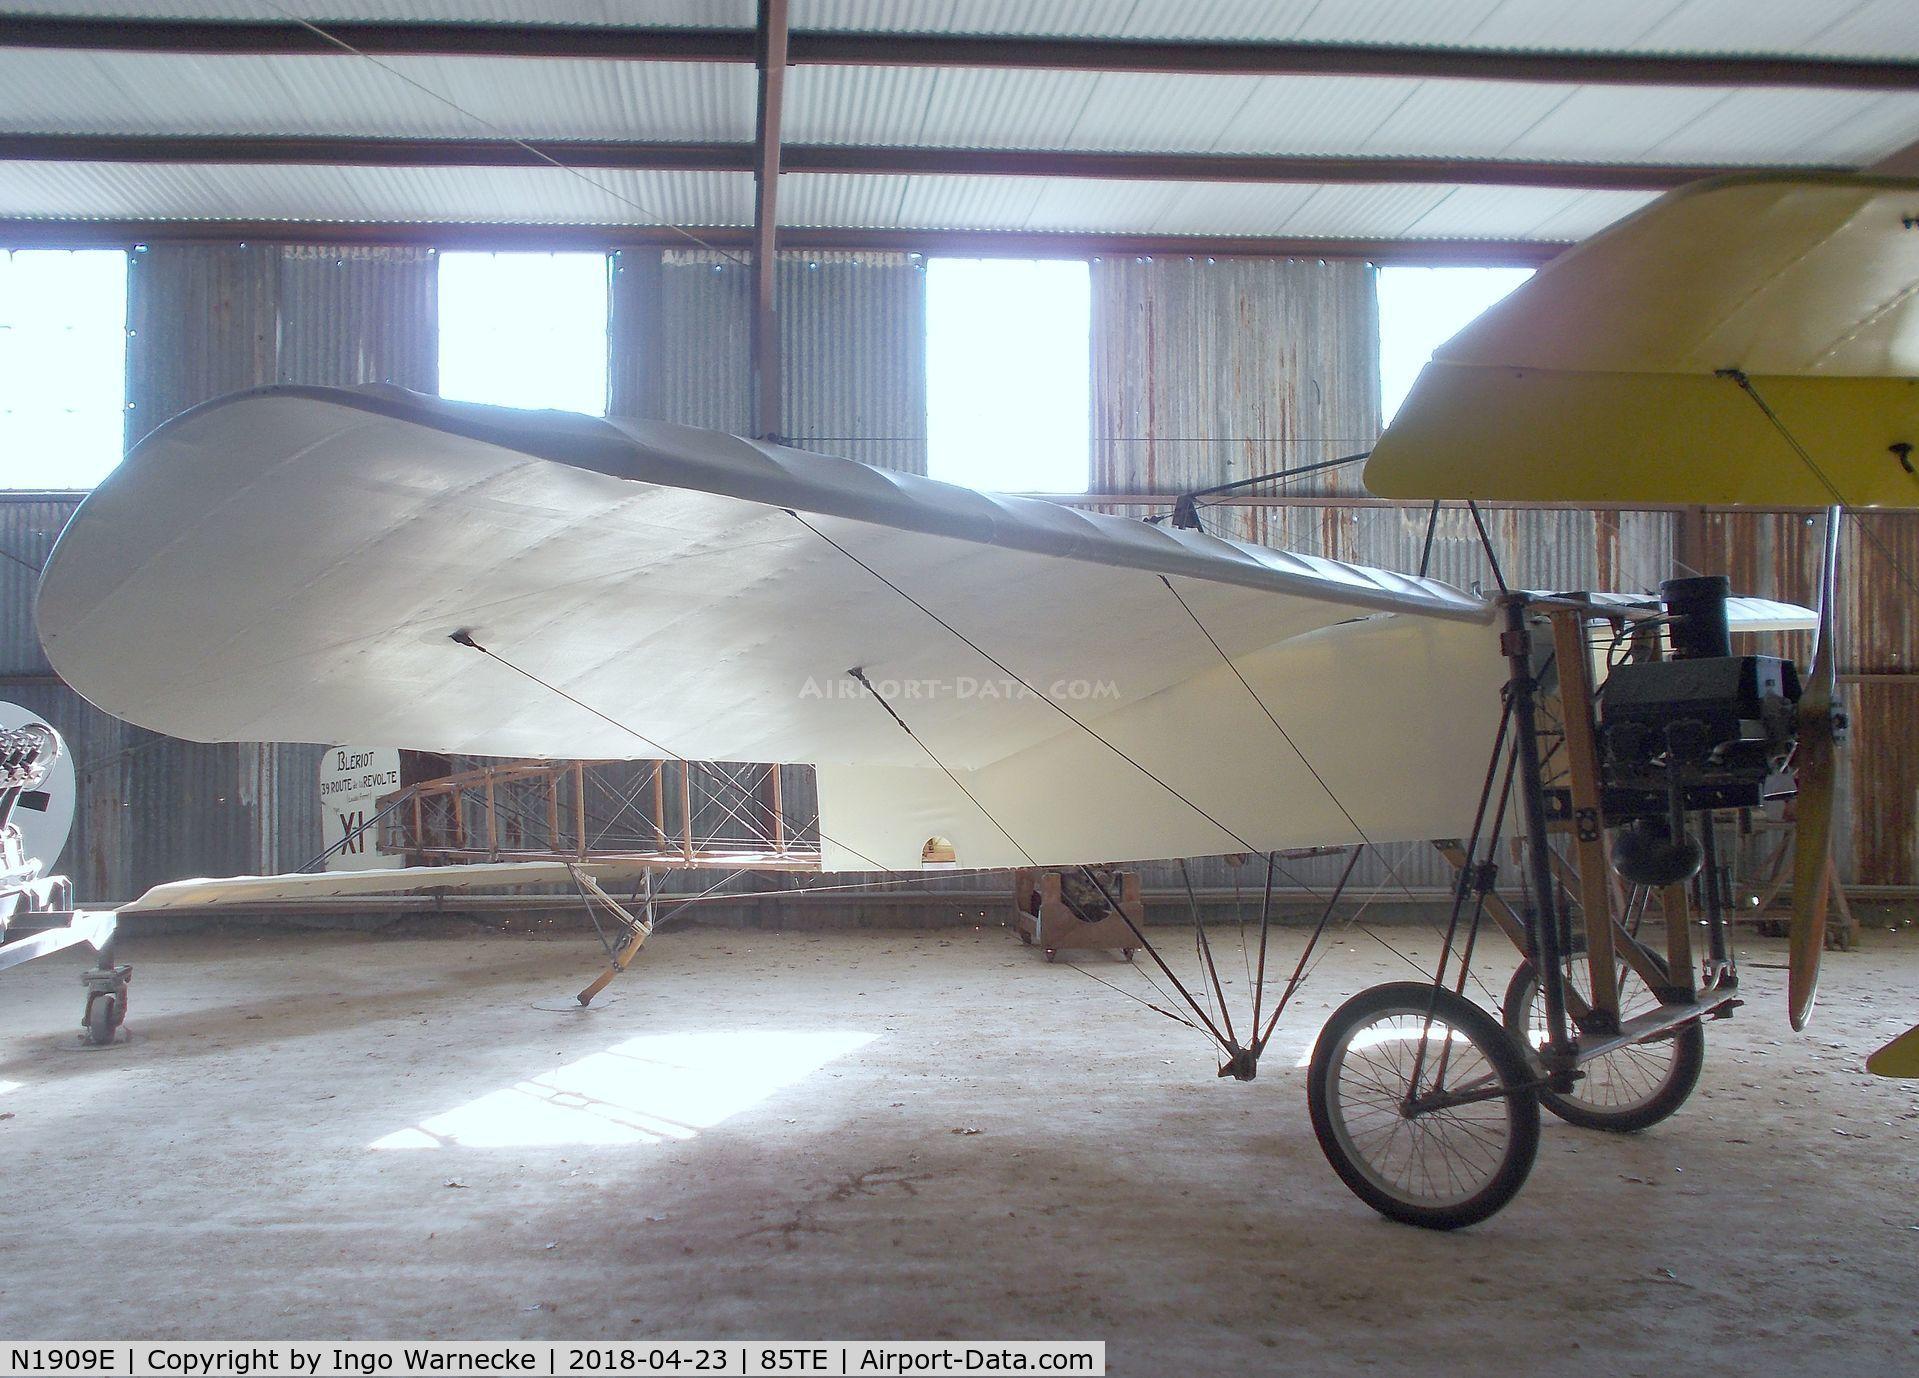 N1909E, 1997 Junge Julius BLERIOT XI C/N VA1, Bleriot XI (Junge, J) replica at the Pioneer Flight Museum, Kingsbury TX